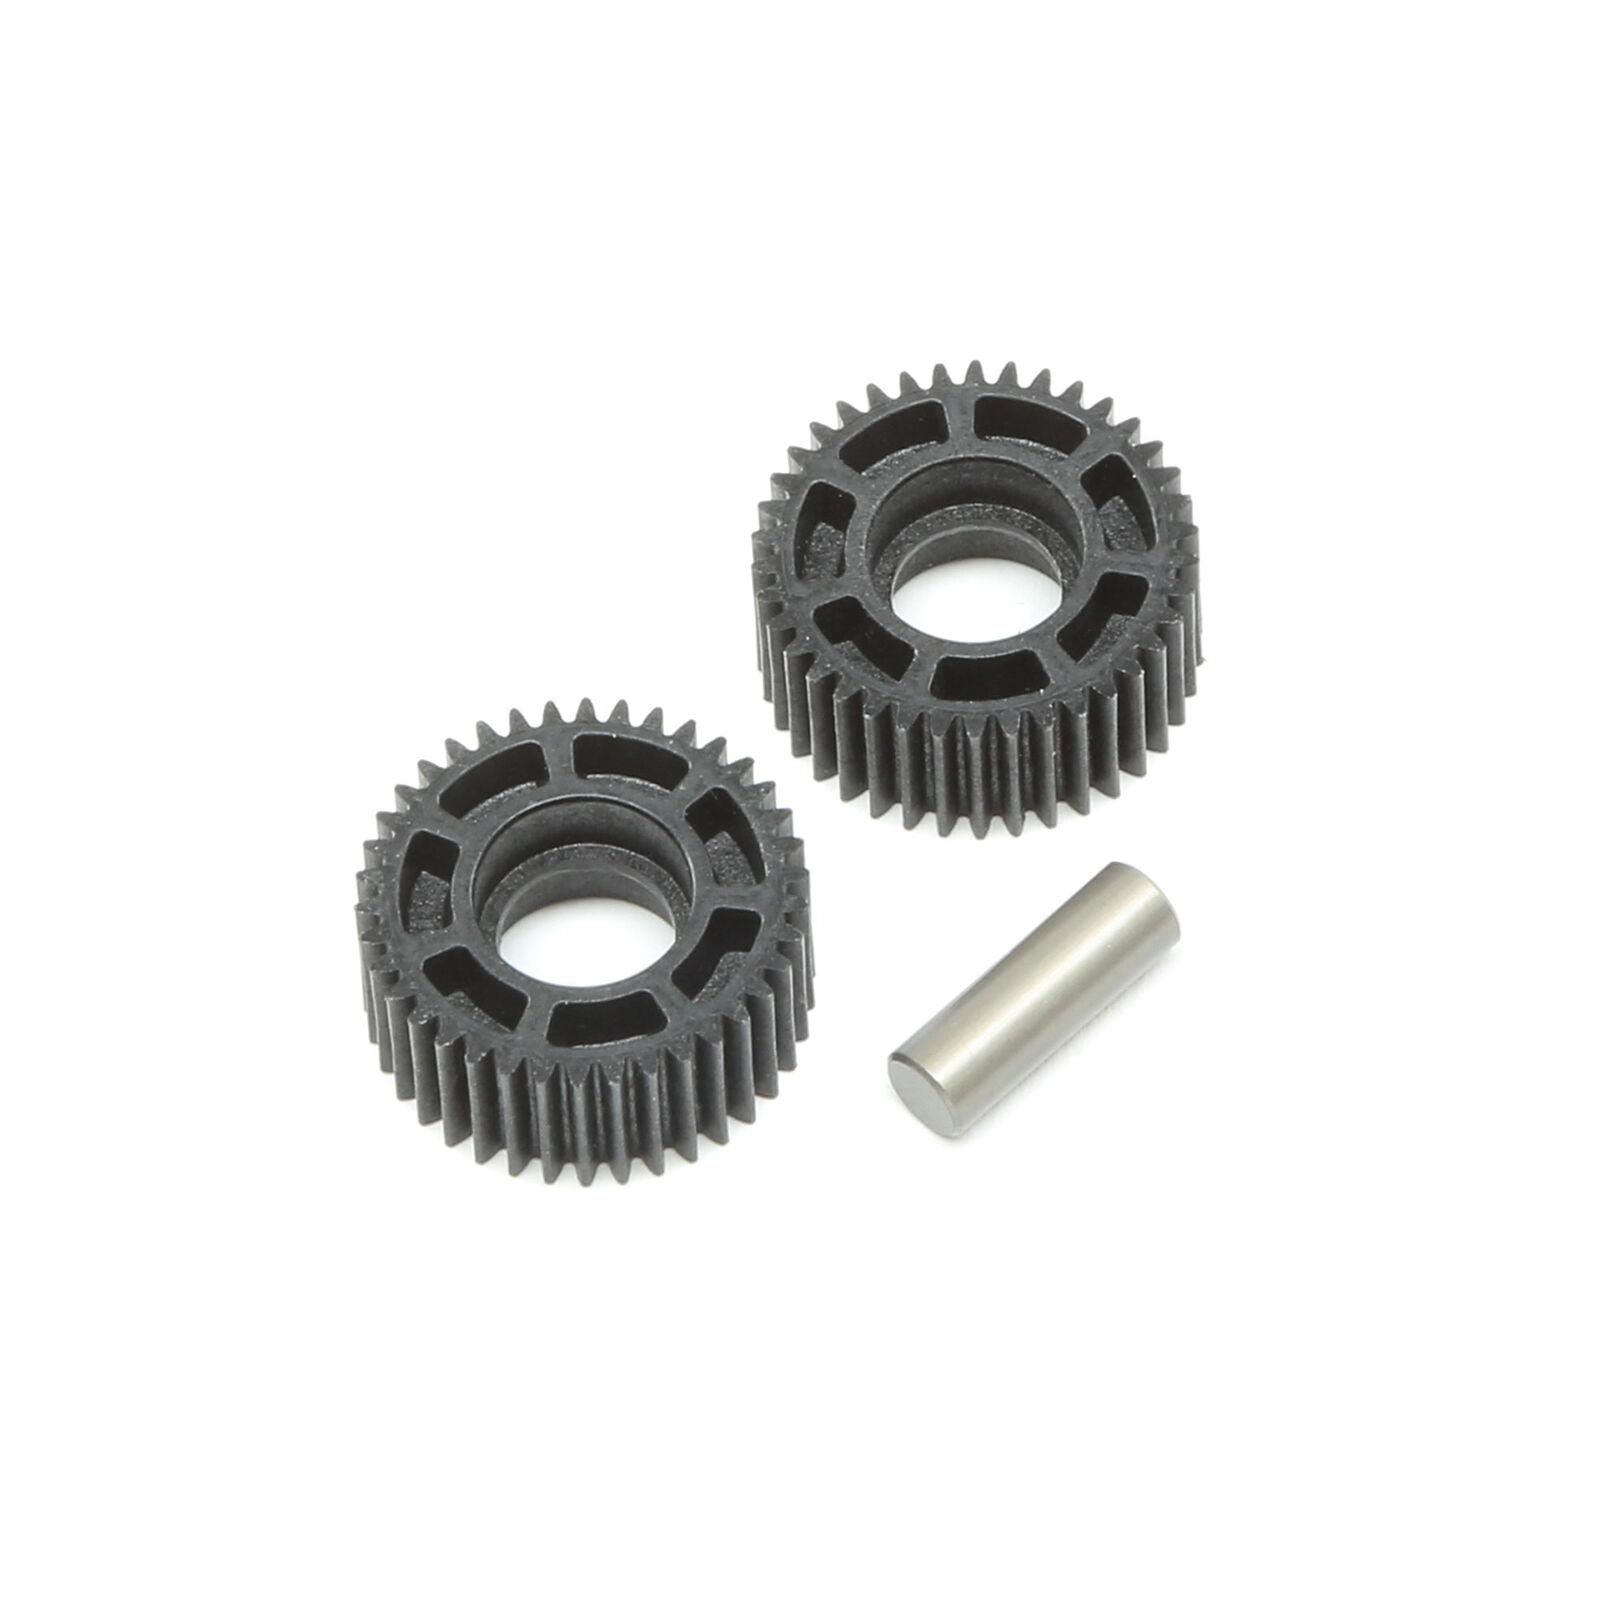 Idler Gear & Shaft Laydown  22 4.0